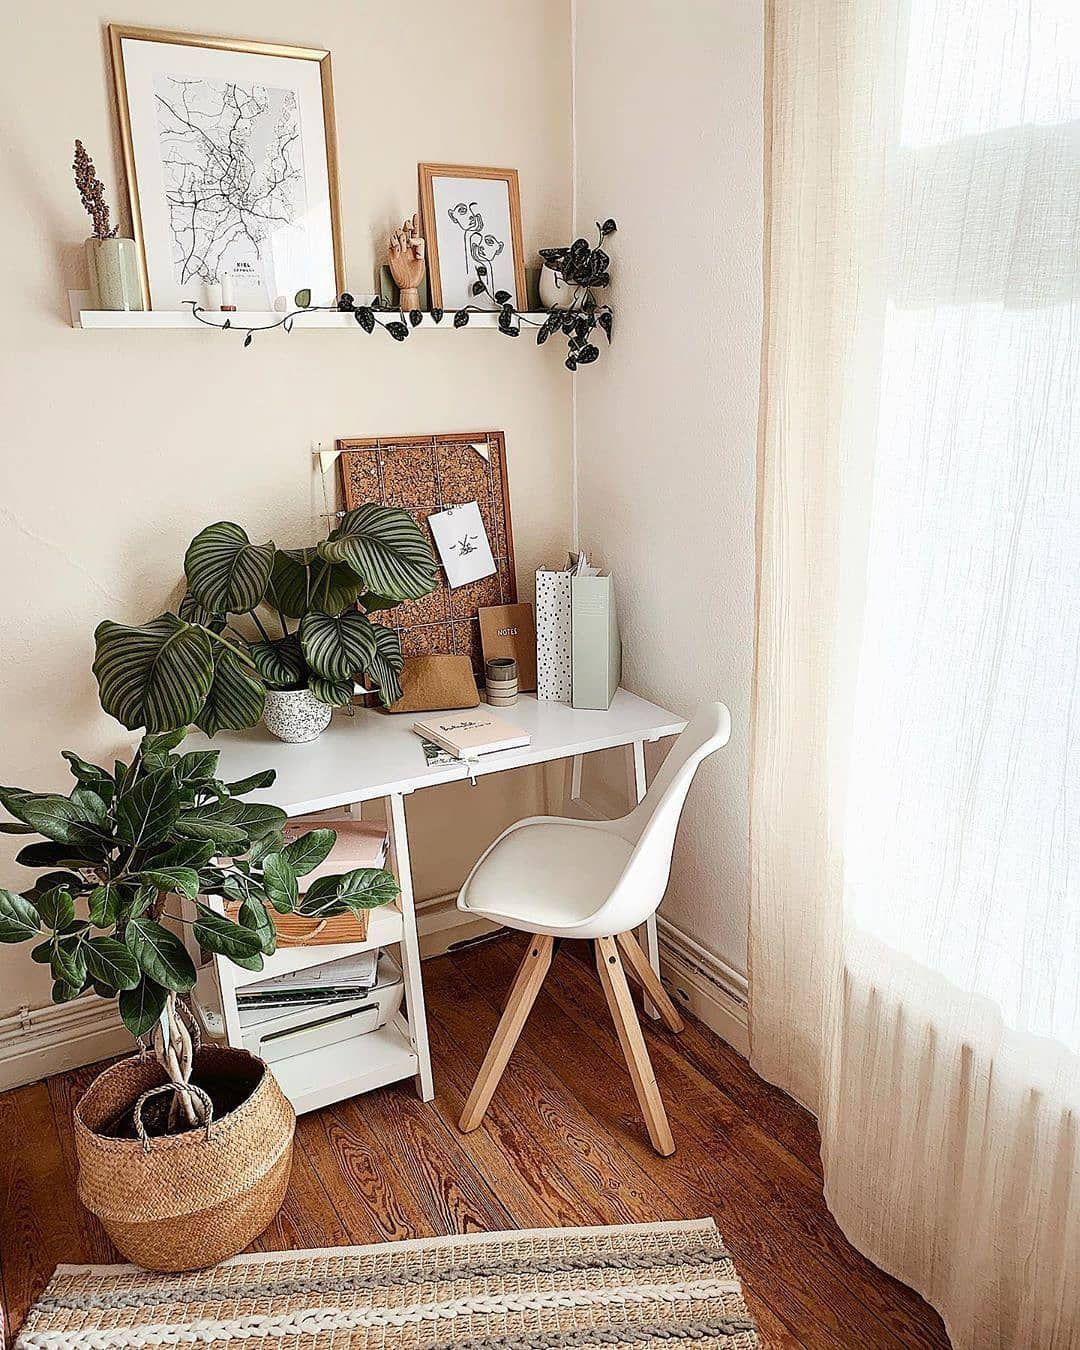 Epingle Par Jadice Collidor Sur Deco Future Chambre En 2020 Room